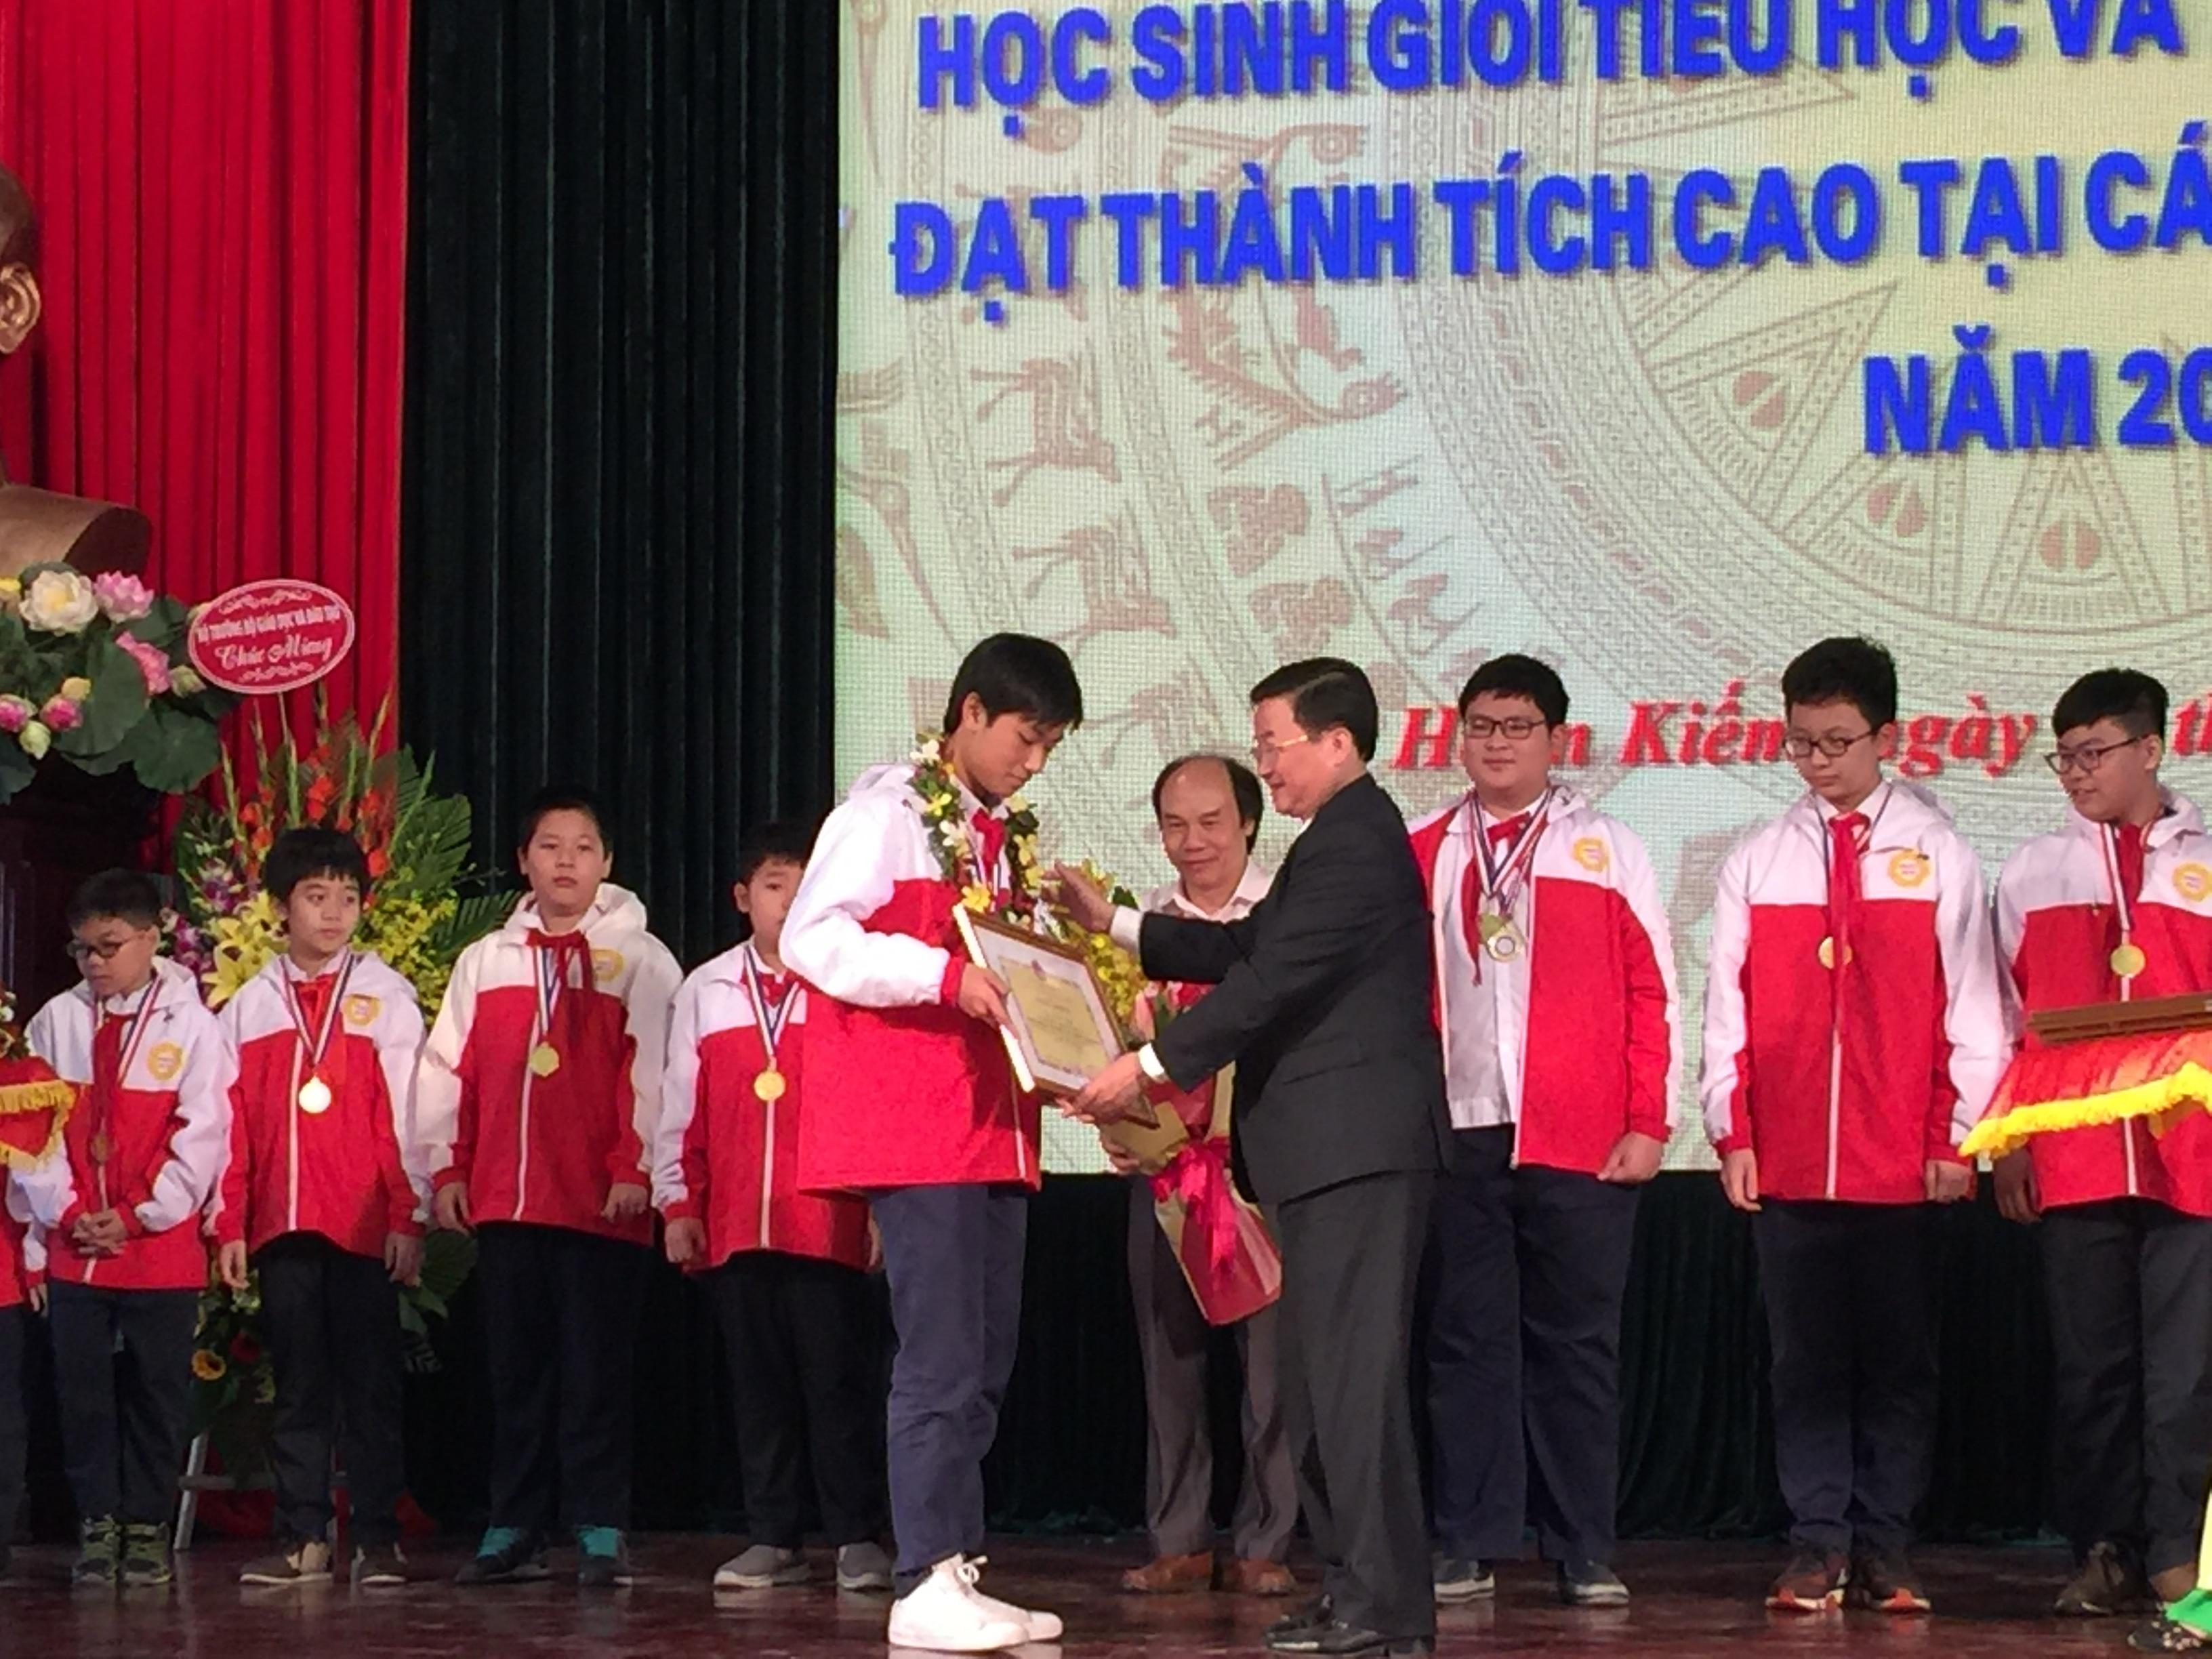 Lãnh Đạo quận Hoàn Kiếm tặng bằng khen cho em Tạ Sơn Bách